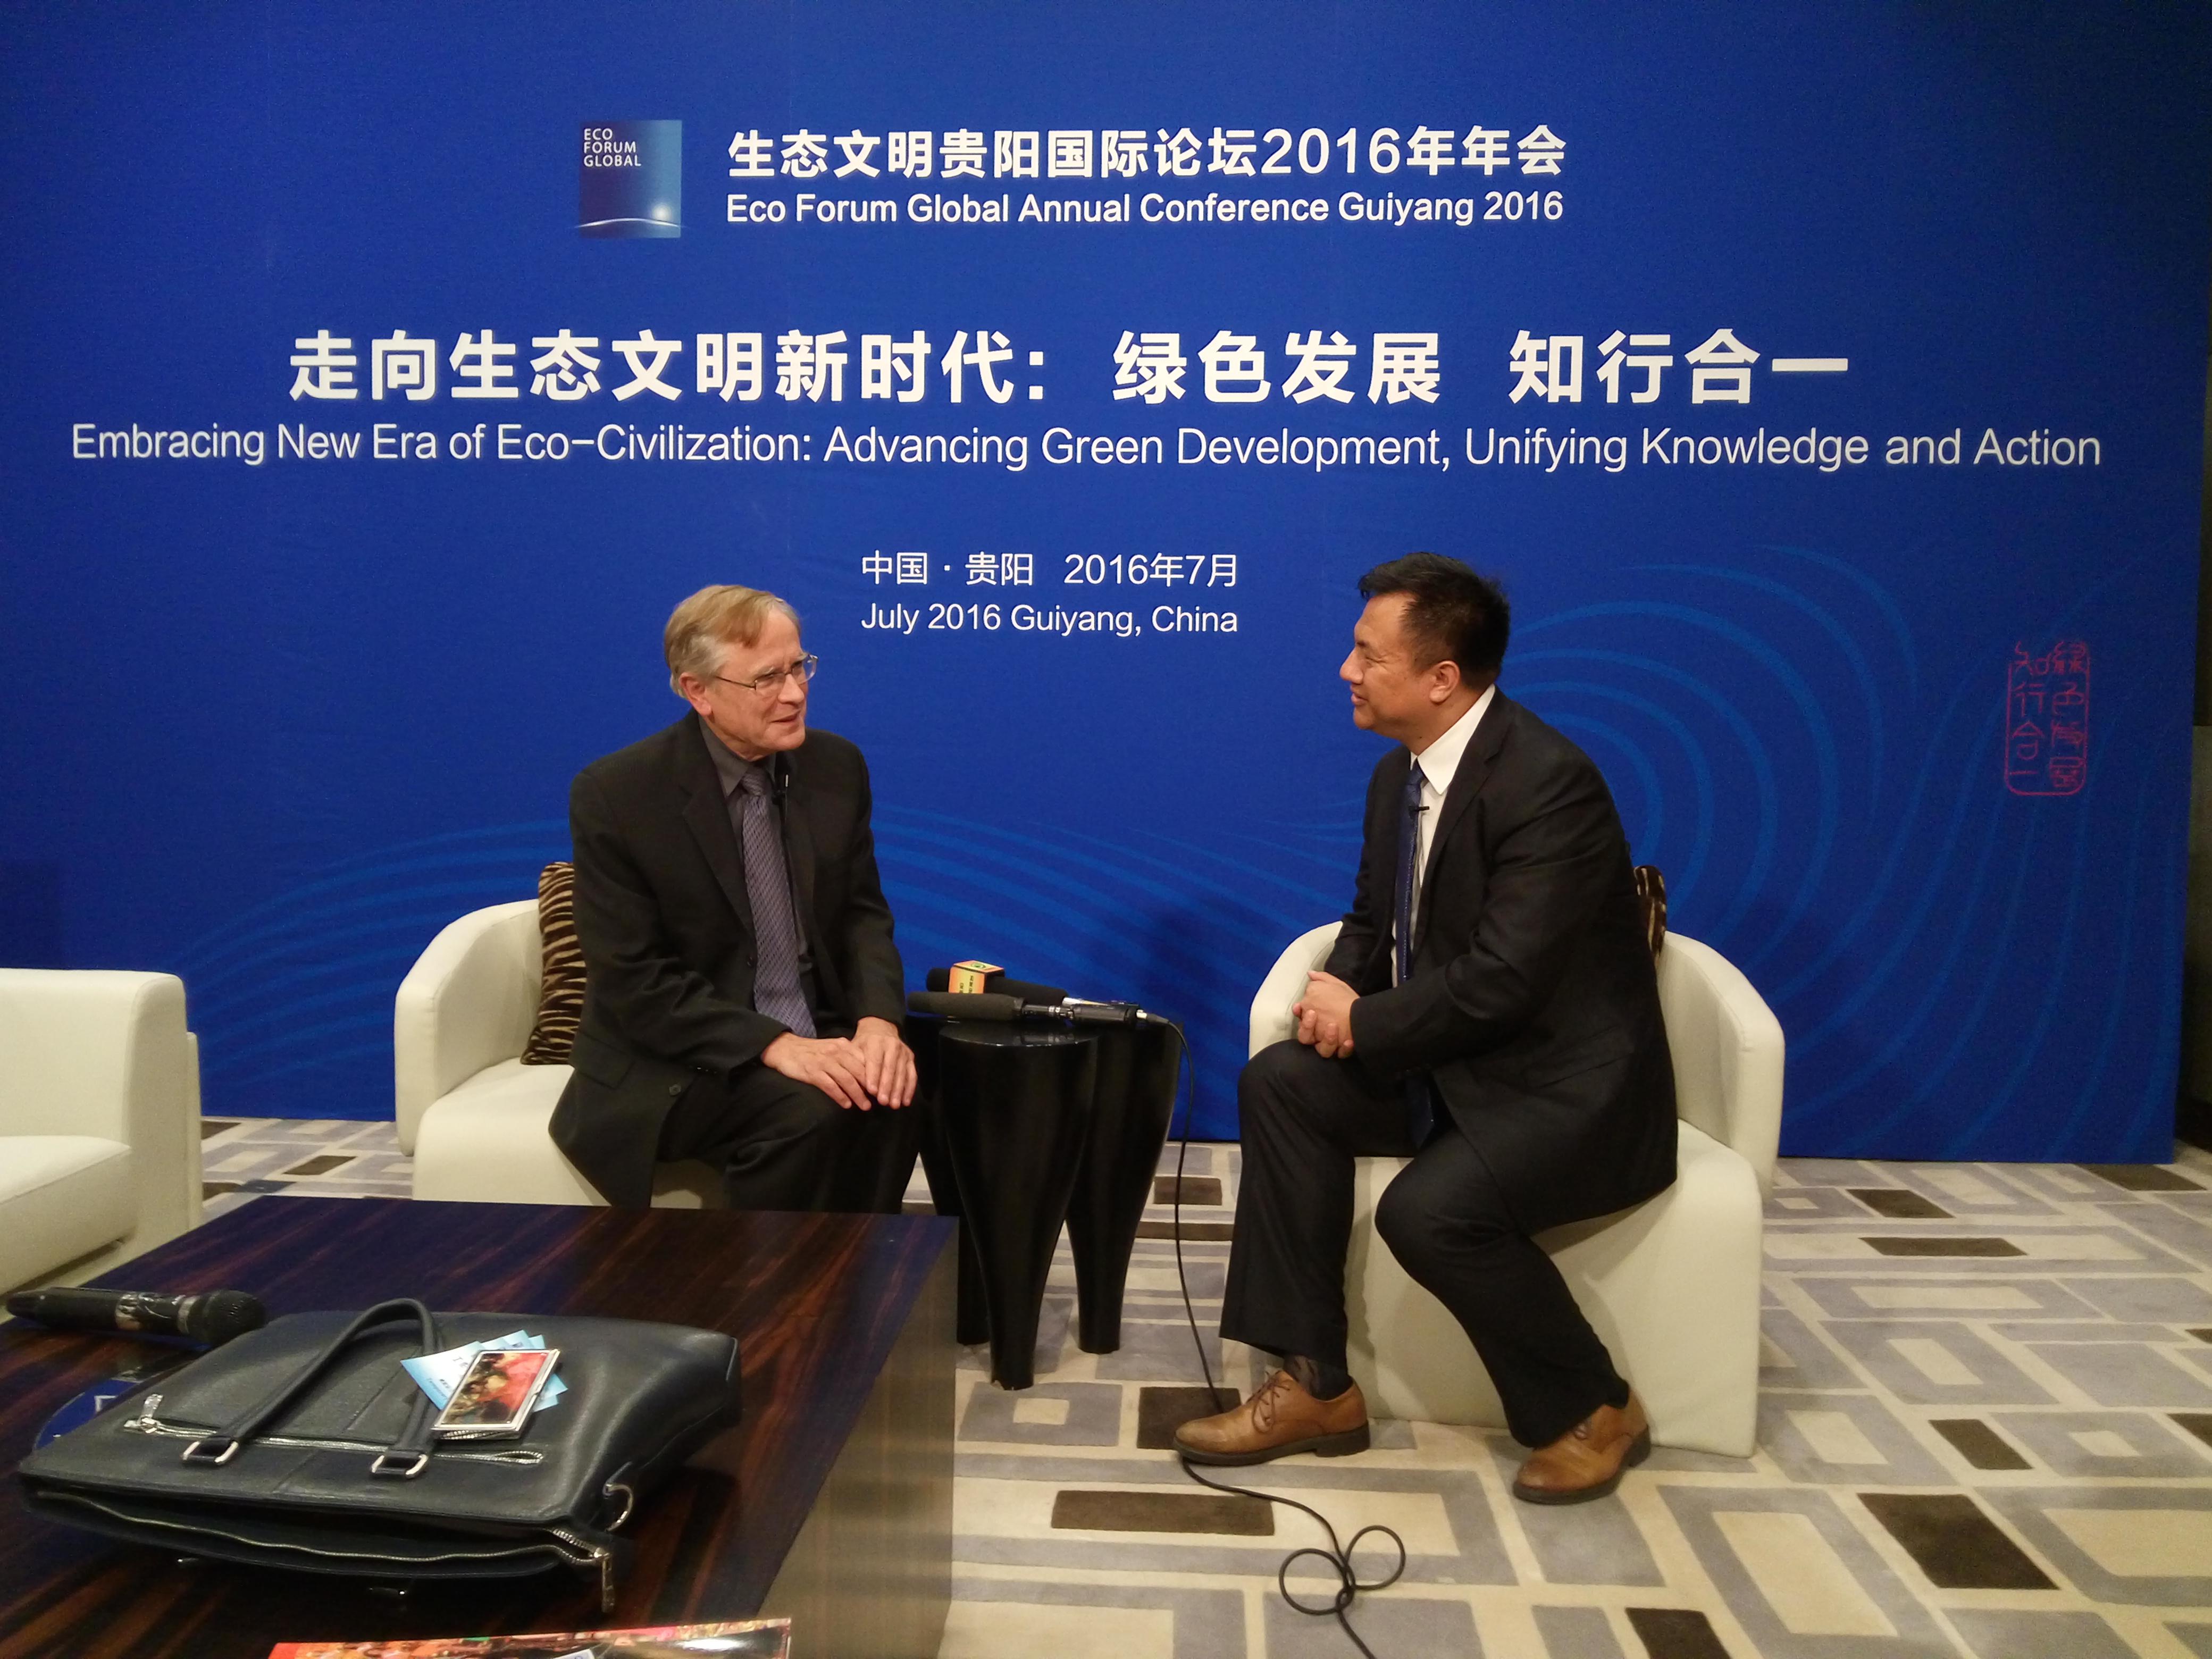 """美智库东西方中心主席:贵州会成为南海周边地区生态发展的""""样板"""""""